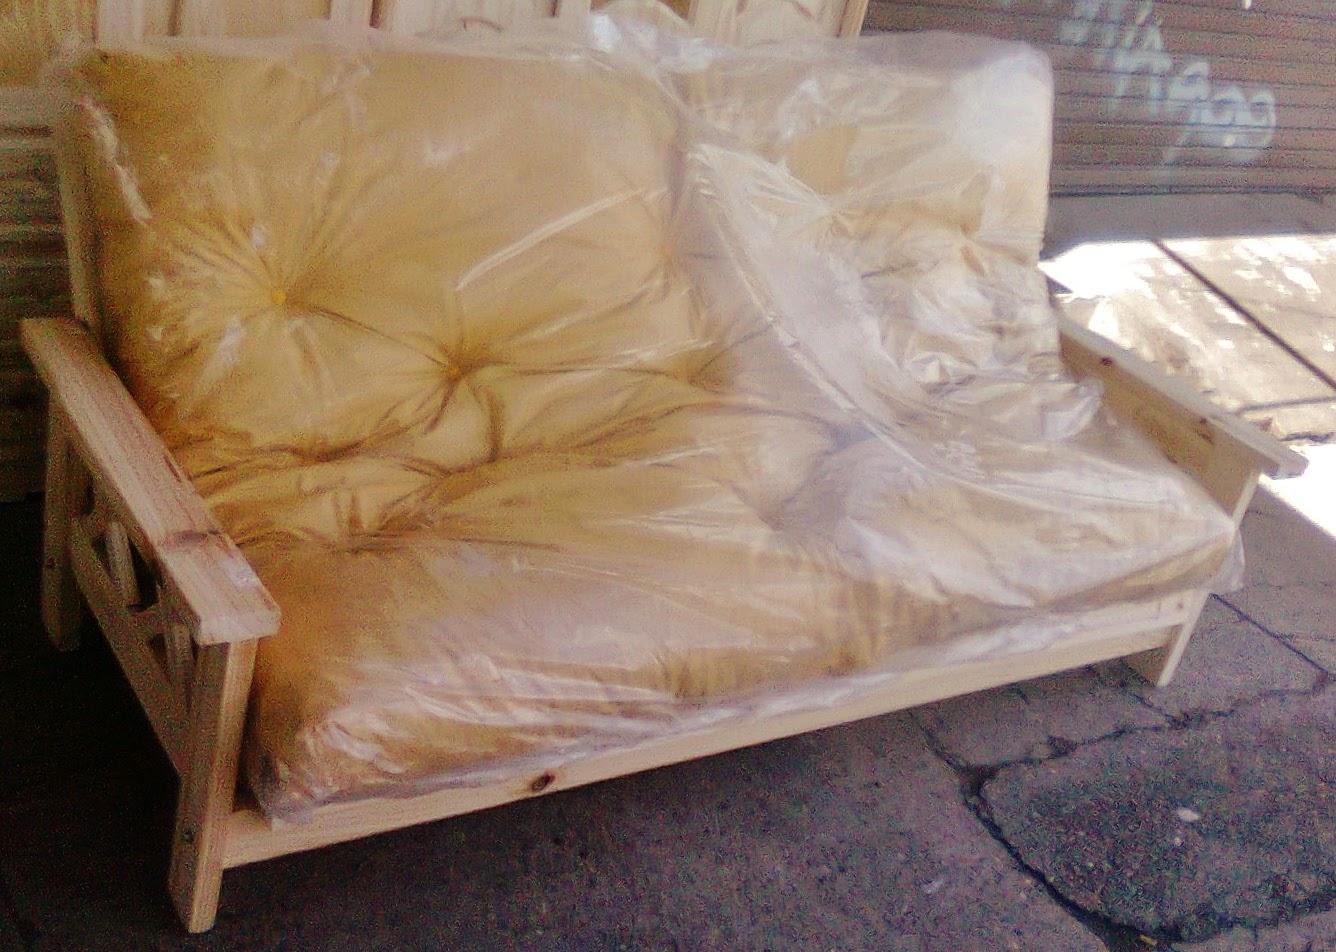 Pichon muebles futones de pino for Precio de futones